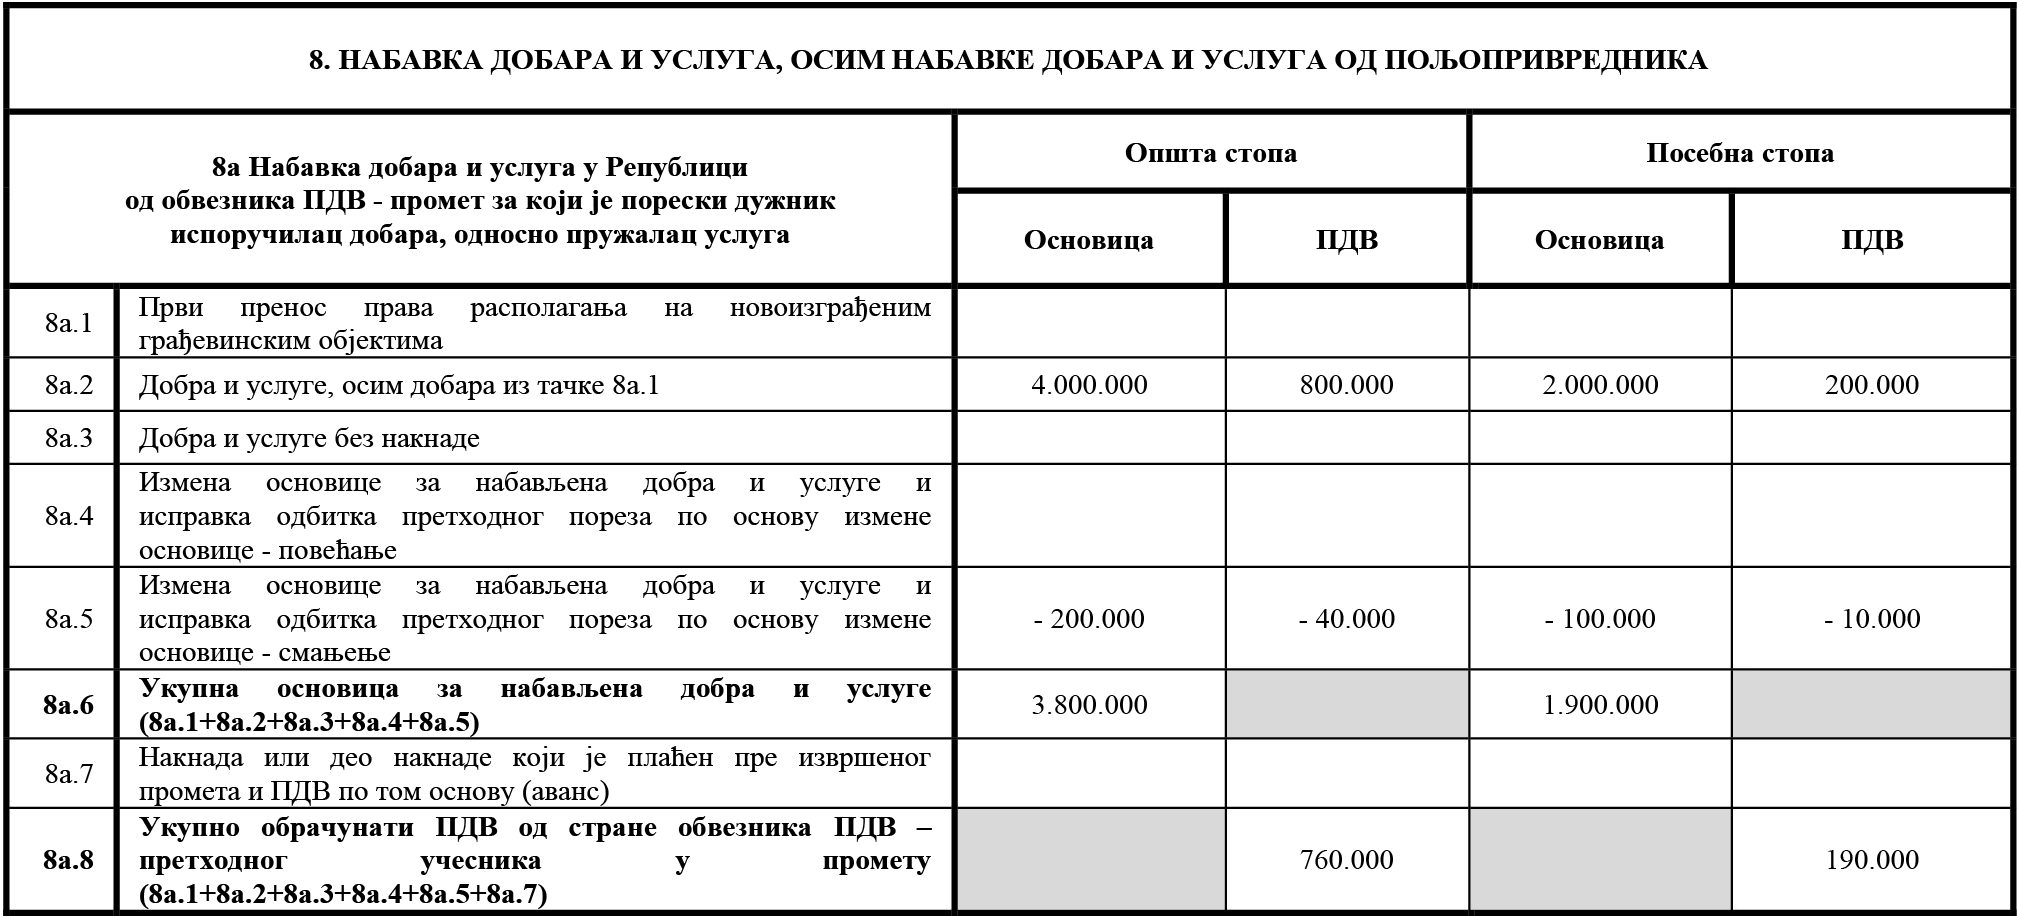 uputstvo PU obrazac POPDV primer 91 - 1